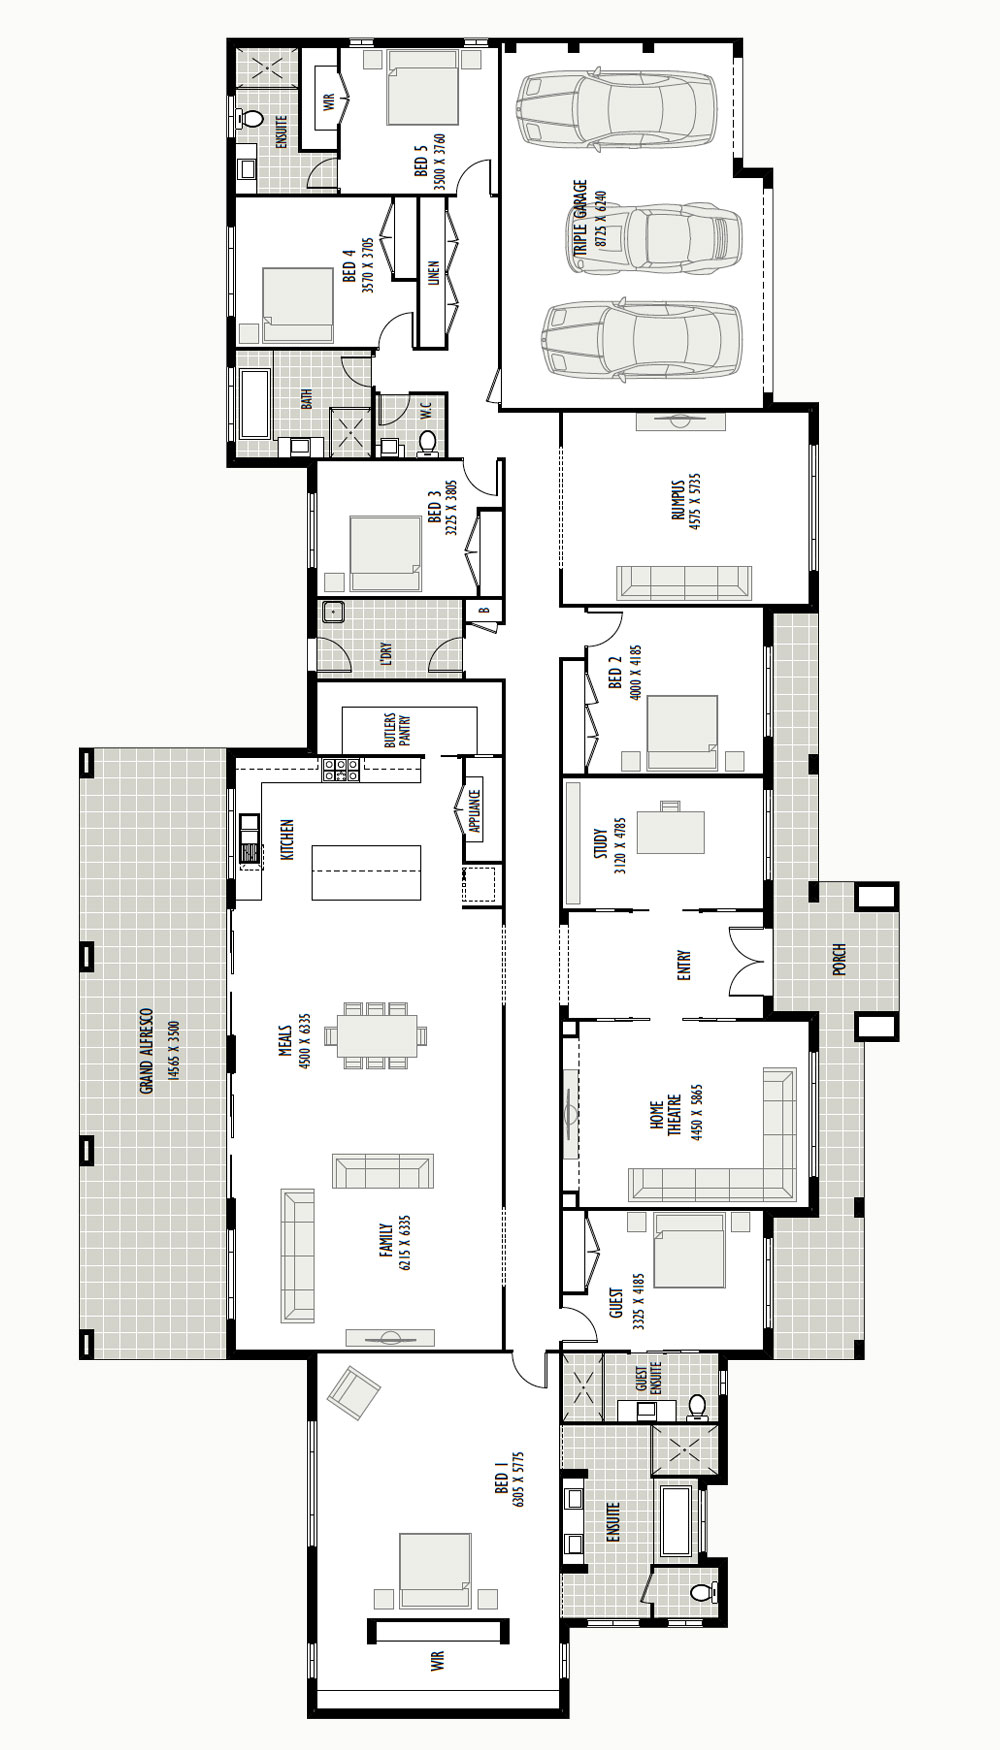 Belhaven Manor 61